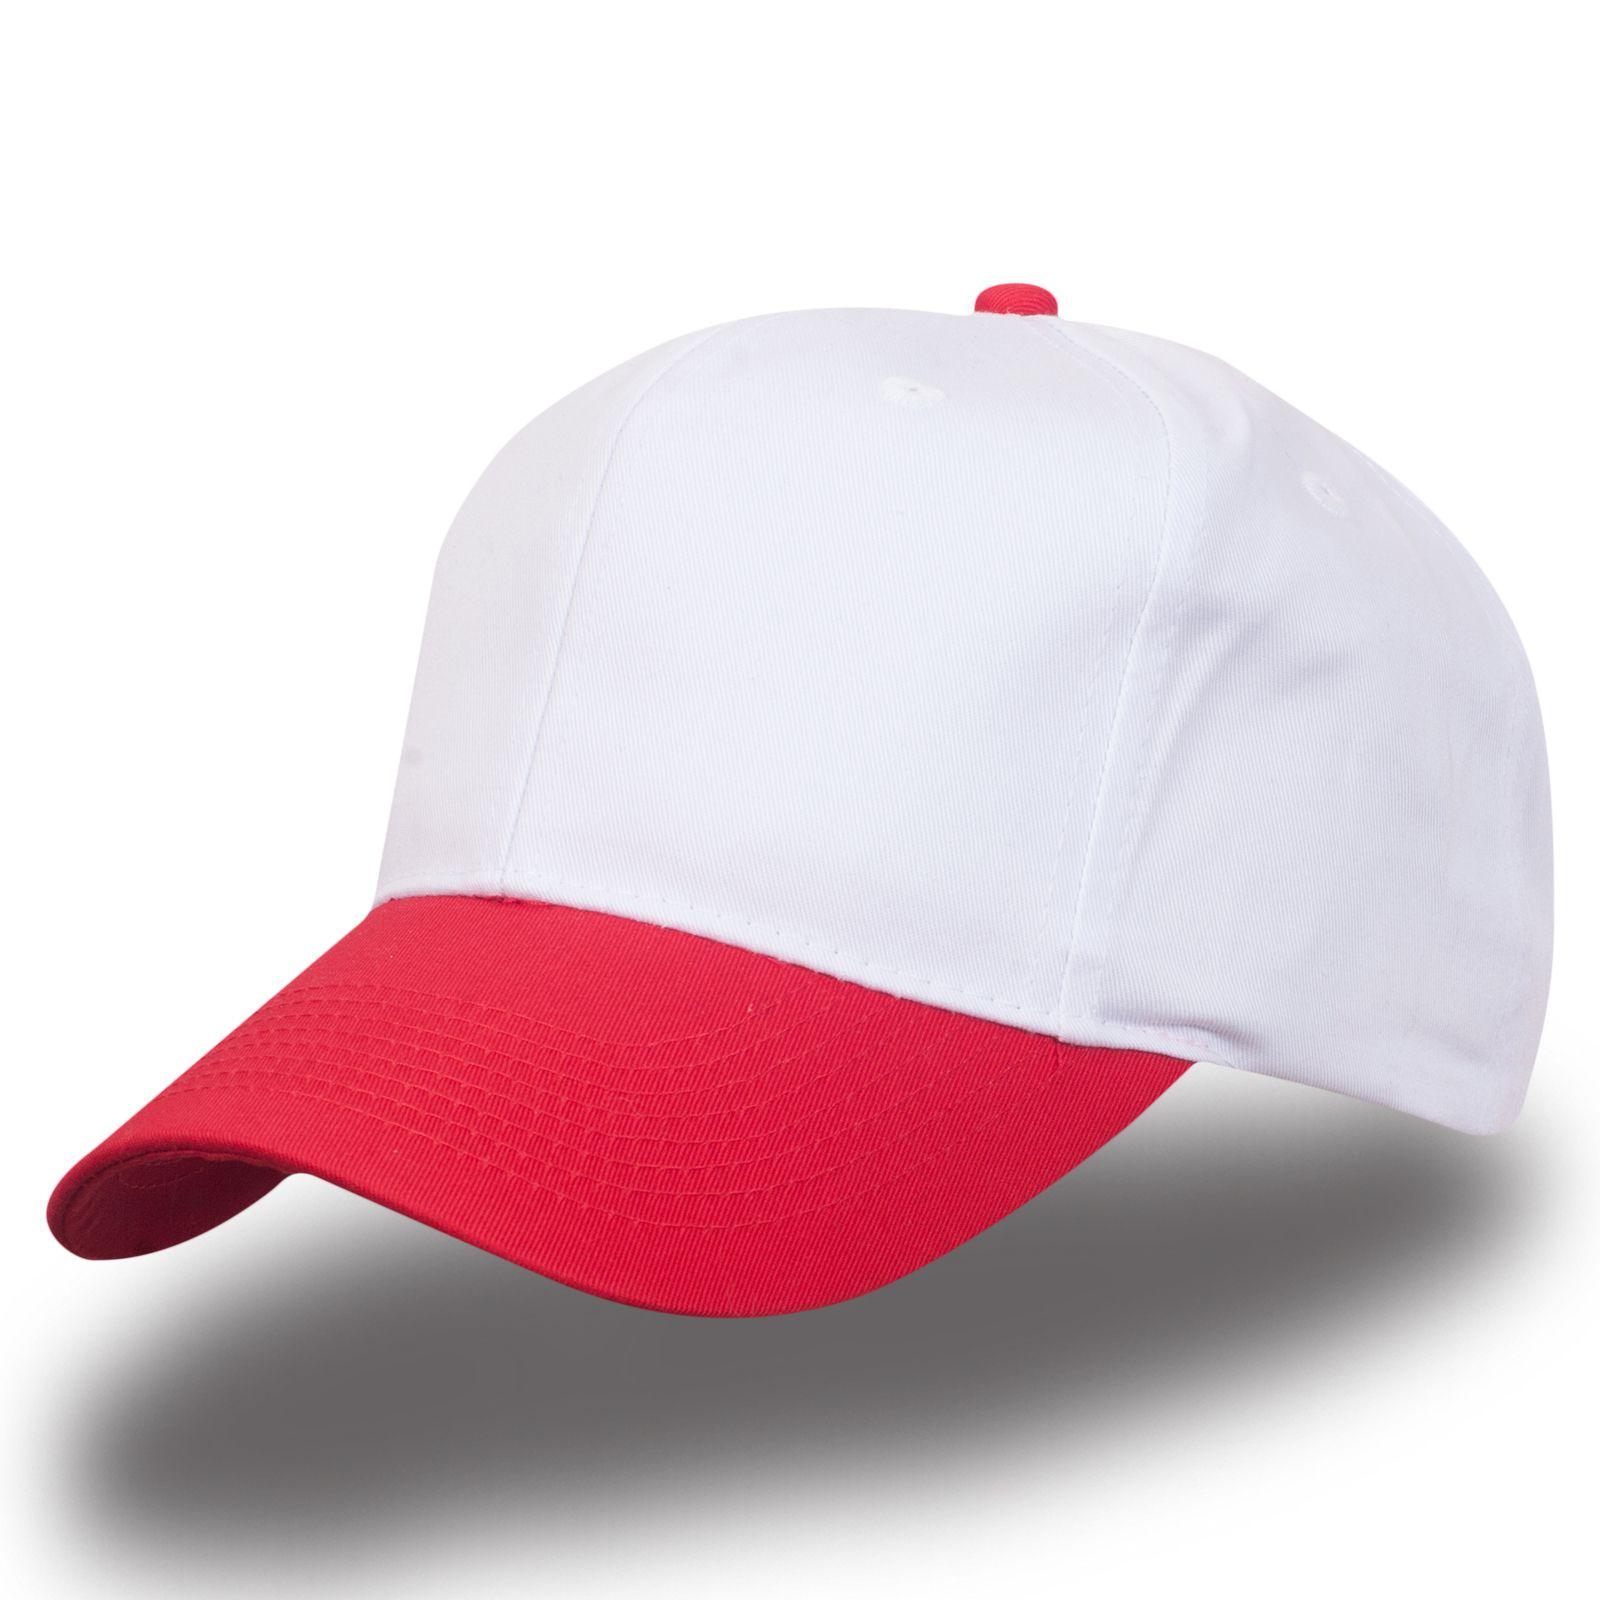 Простая белая кепка - купить в интернет-магазине с доставкой